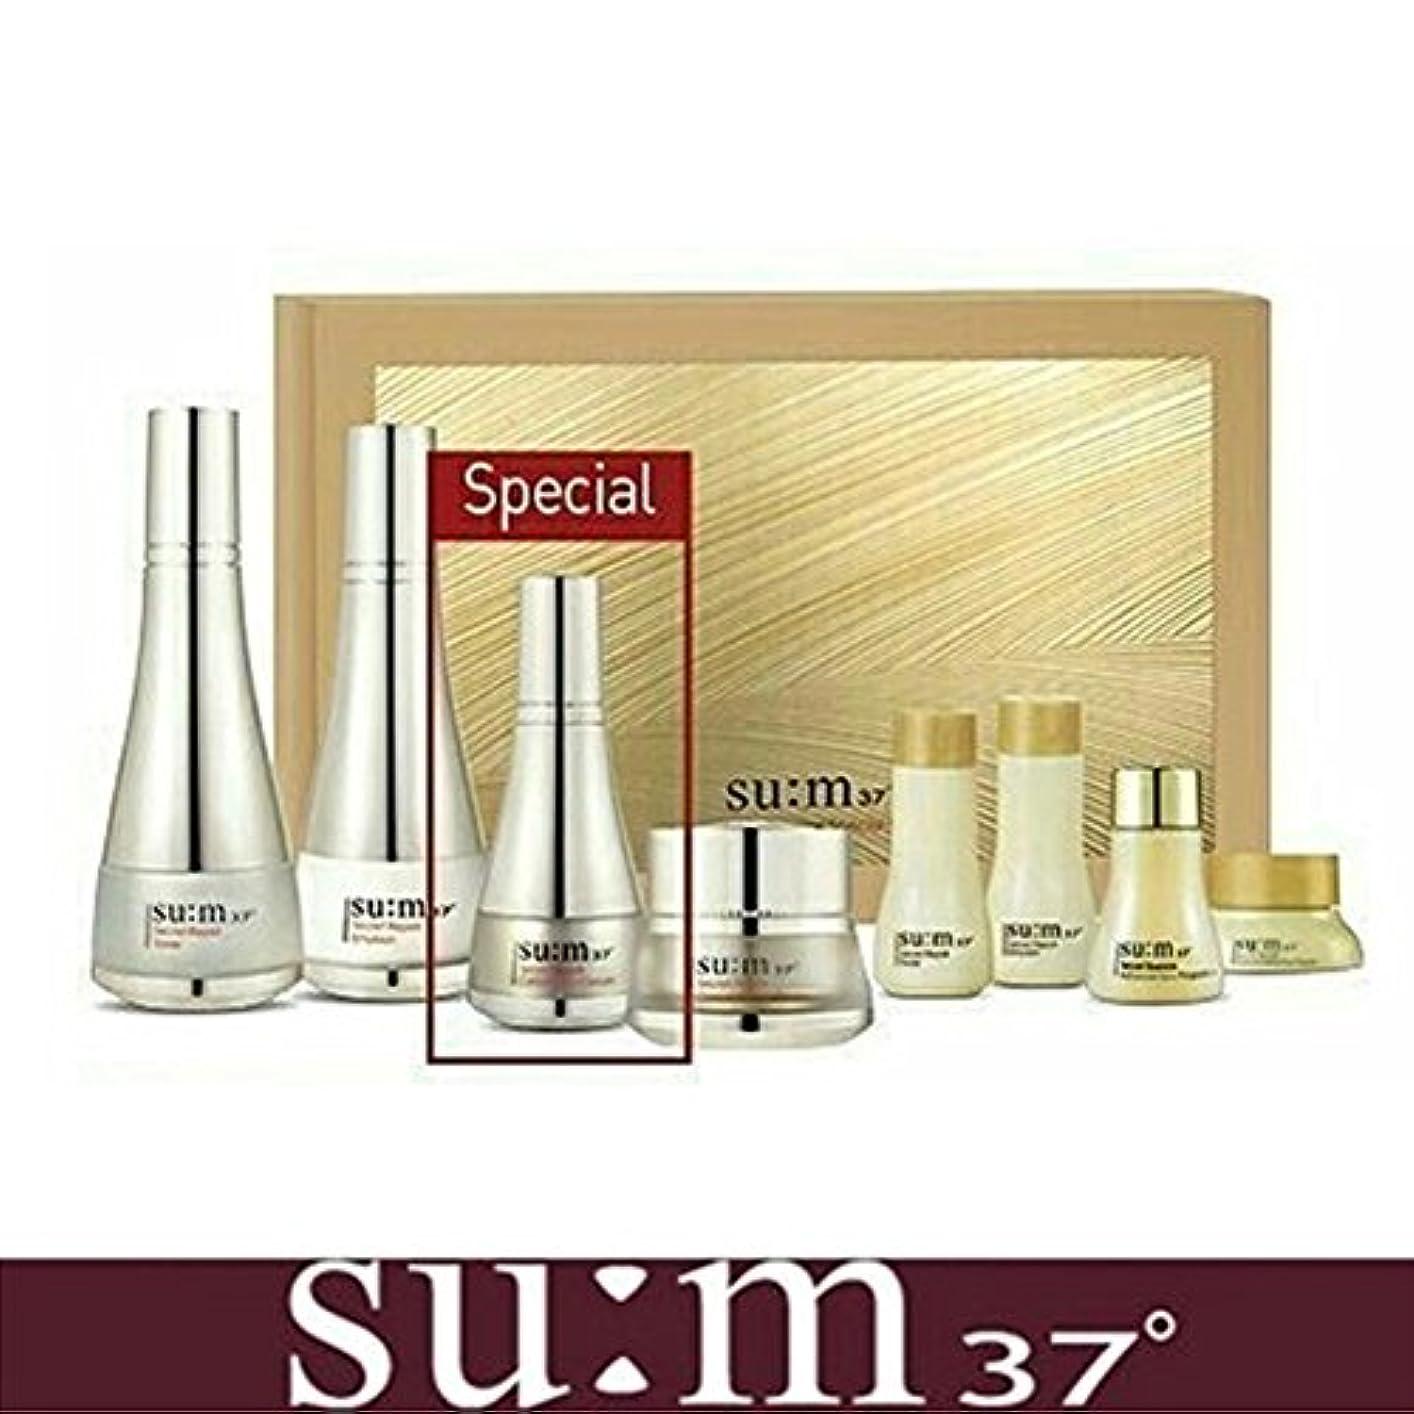 強化計算する痛い[su:m37/スム37°] SUM37 Secret Repair 3pcs Special Skincare Set / シークレットリペア3種セット+[Sample Gift](海外直送品)